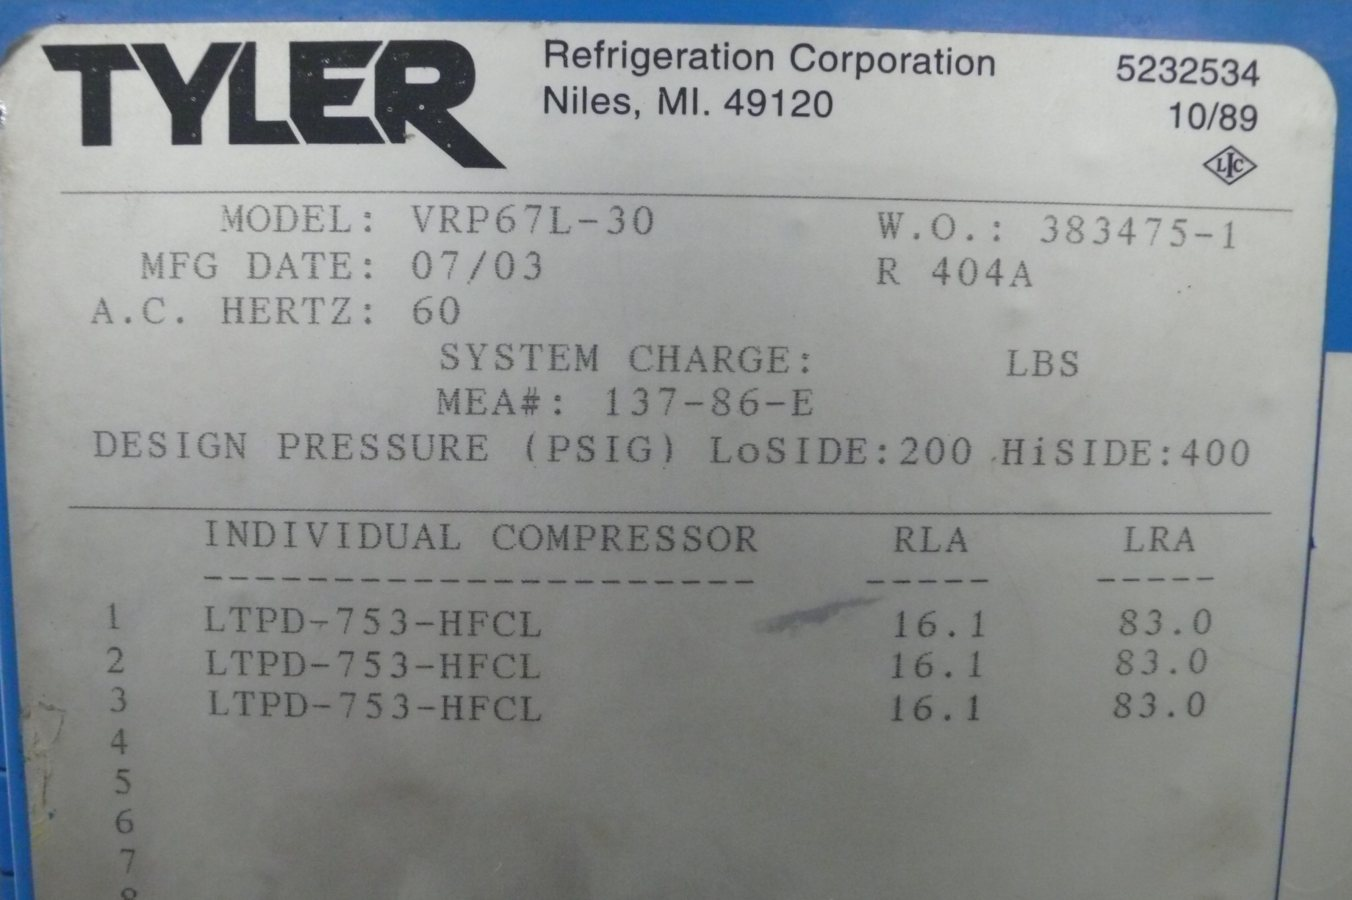 Refrigeration Tyler Rack Refrigeration